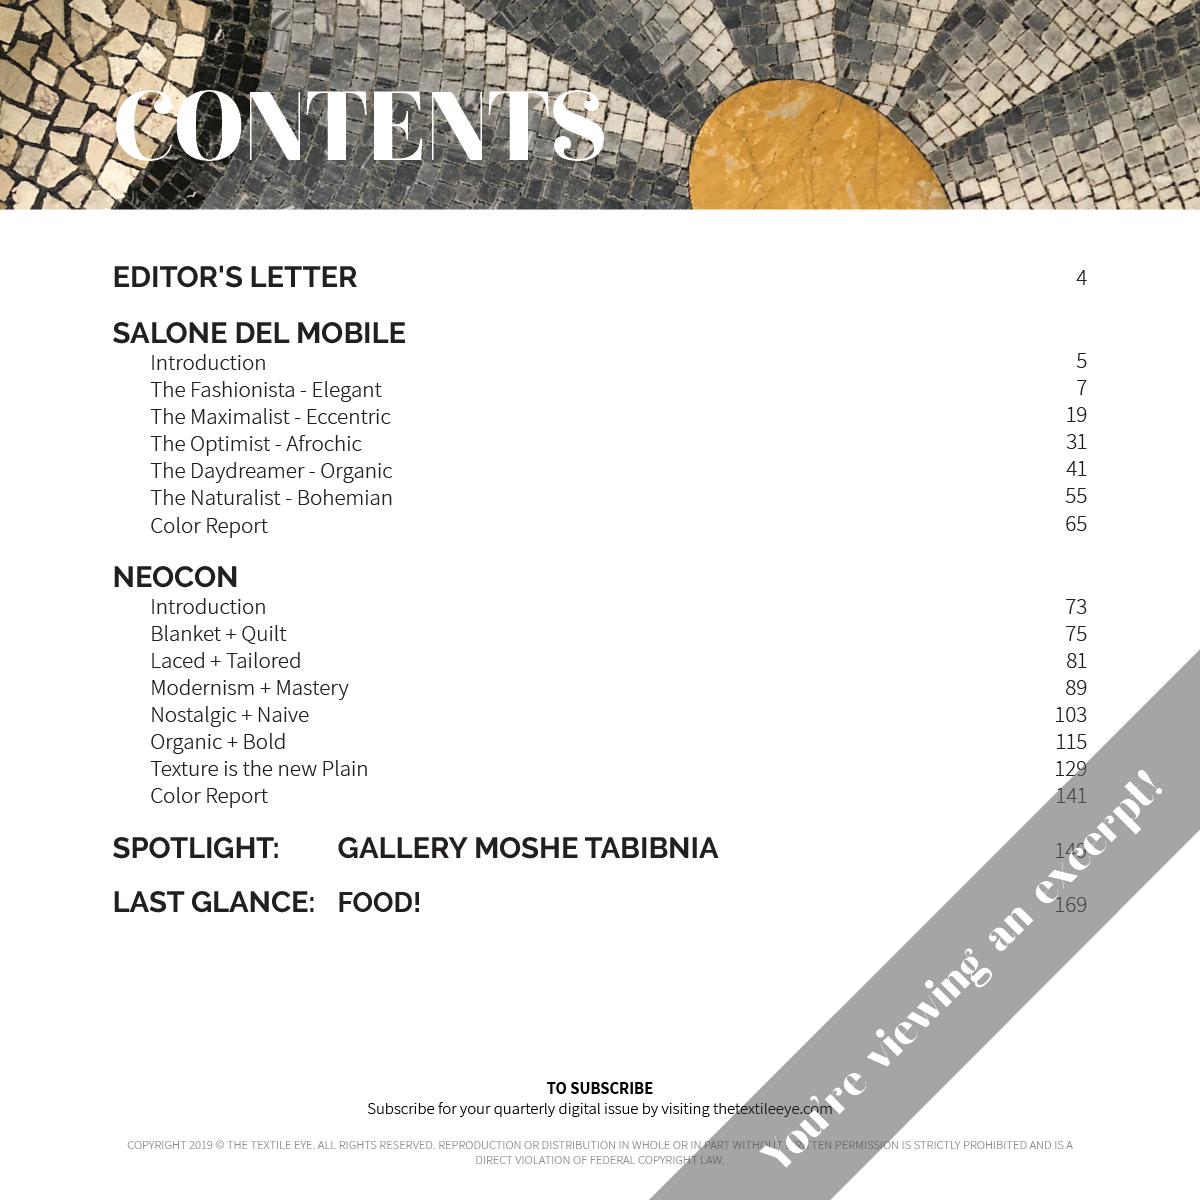 The Textile Eye Issue 2 Summer 19 Excerpt LR2.jpg